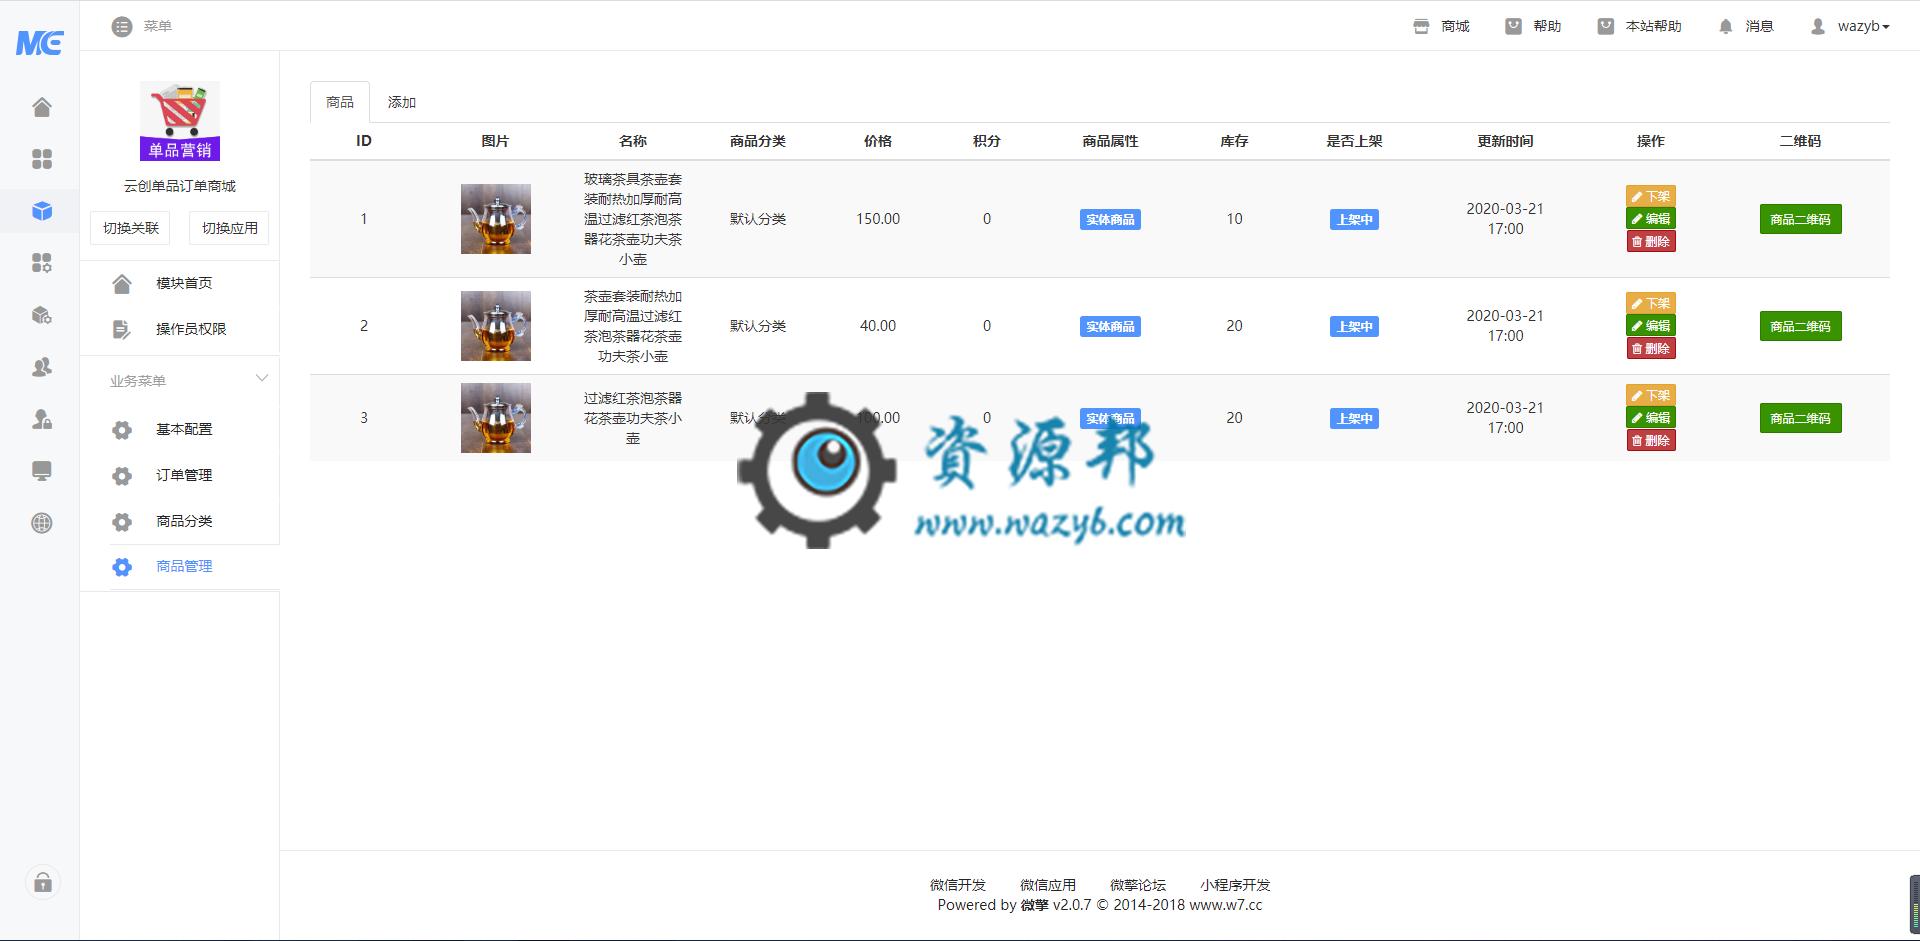 【公众号应用】云创单品订单商城V1.0.15正版源码打包,增加后台上传视频注释 公众号应用 第4张